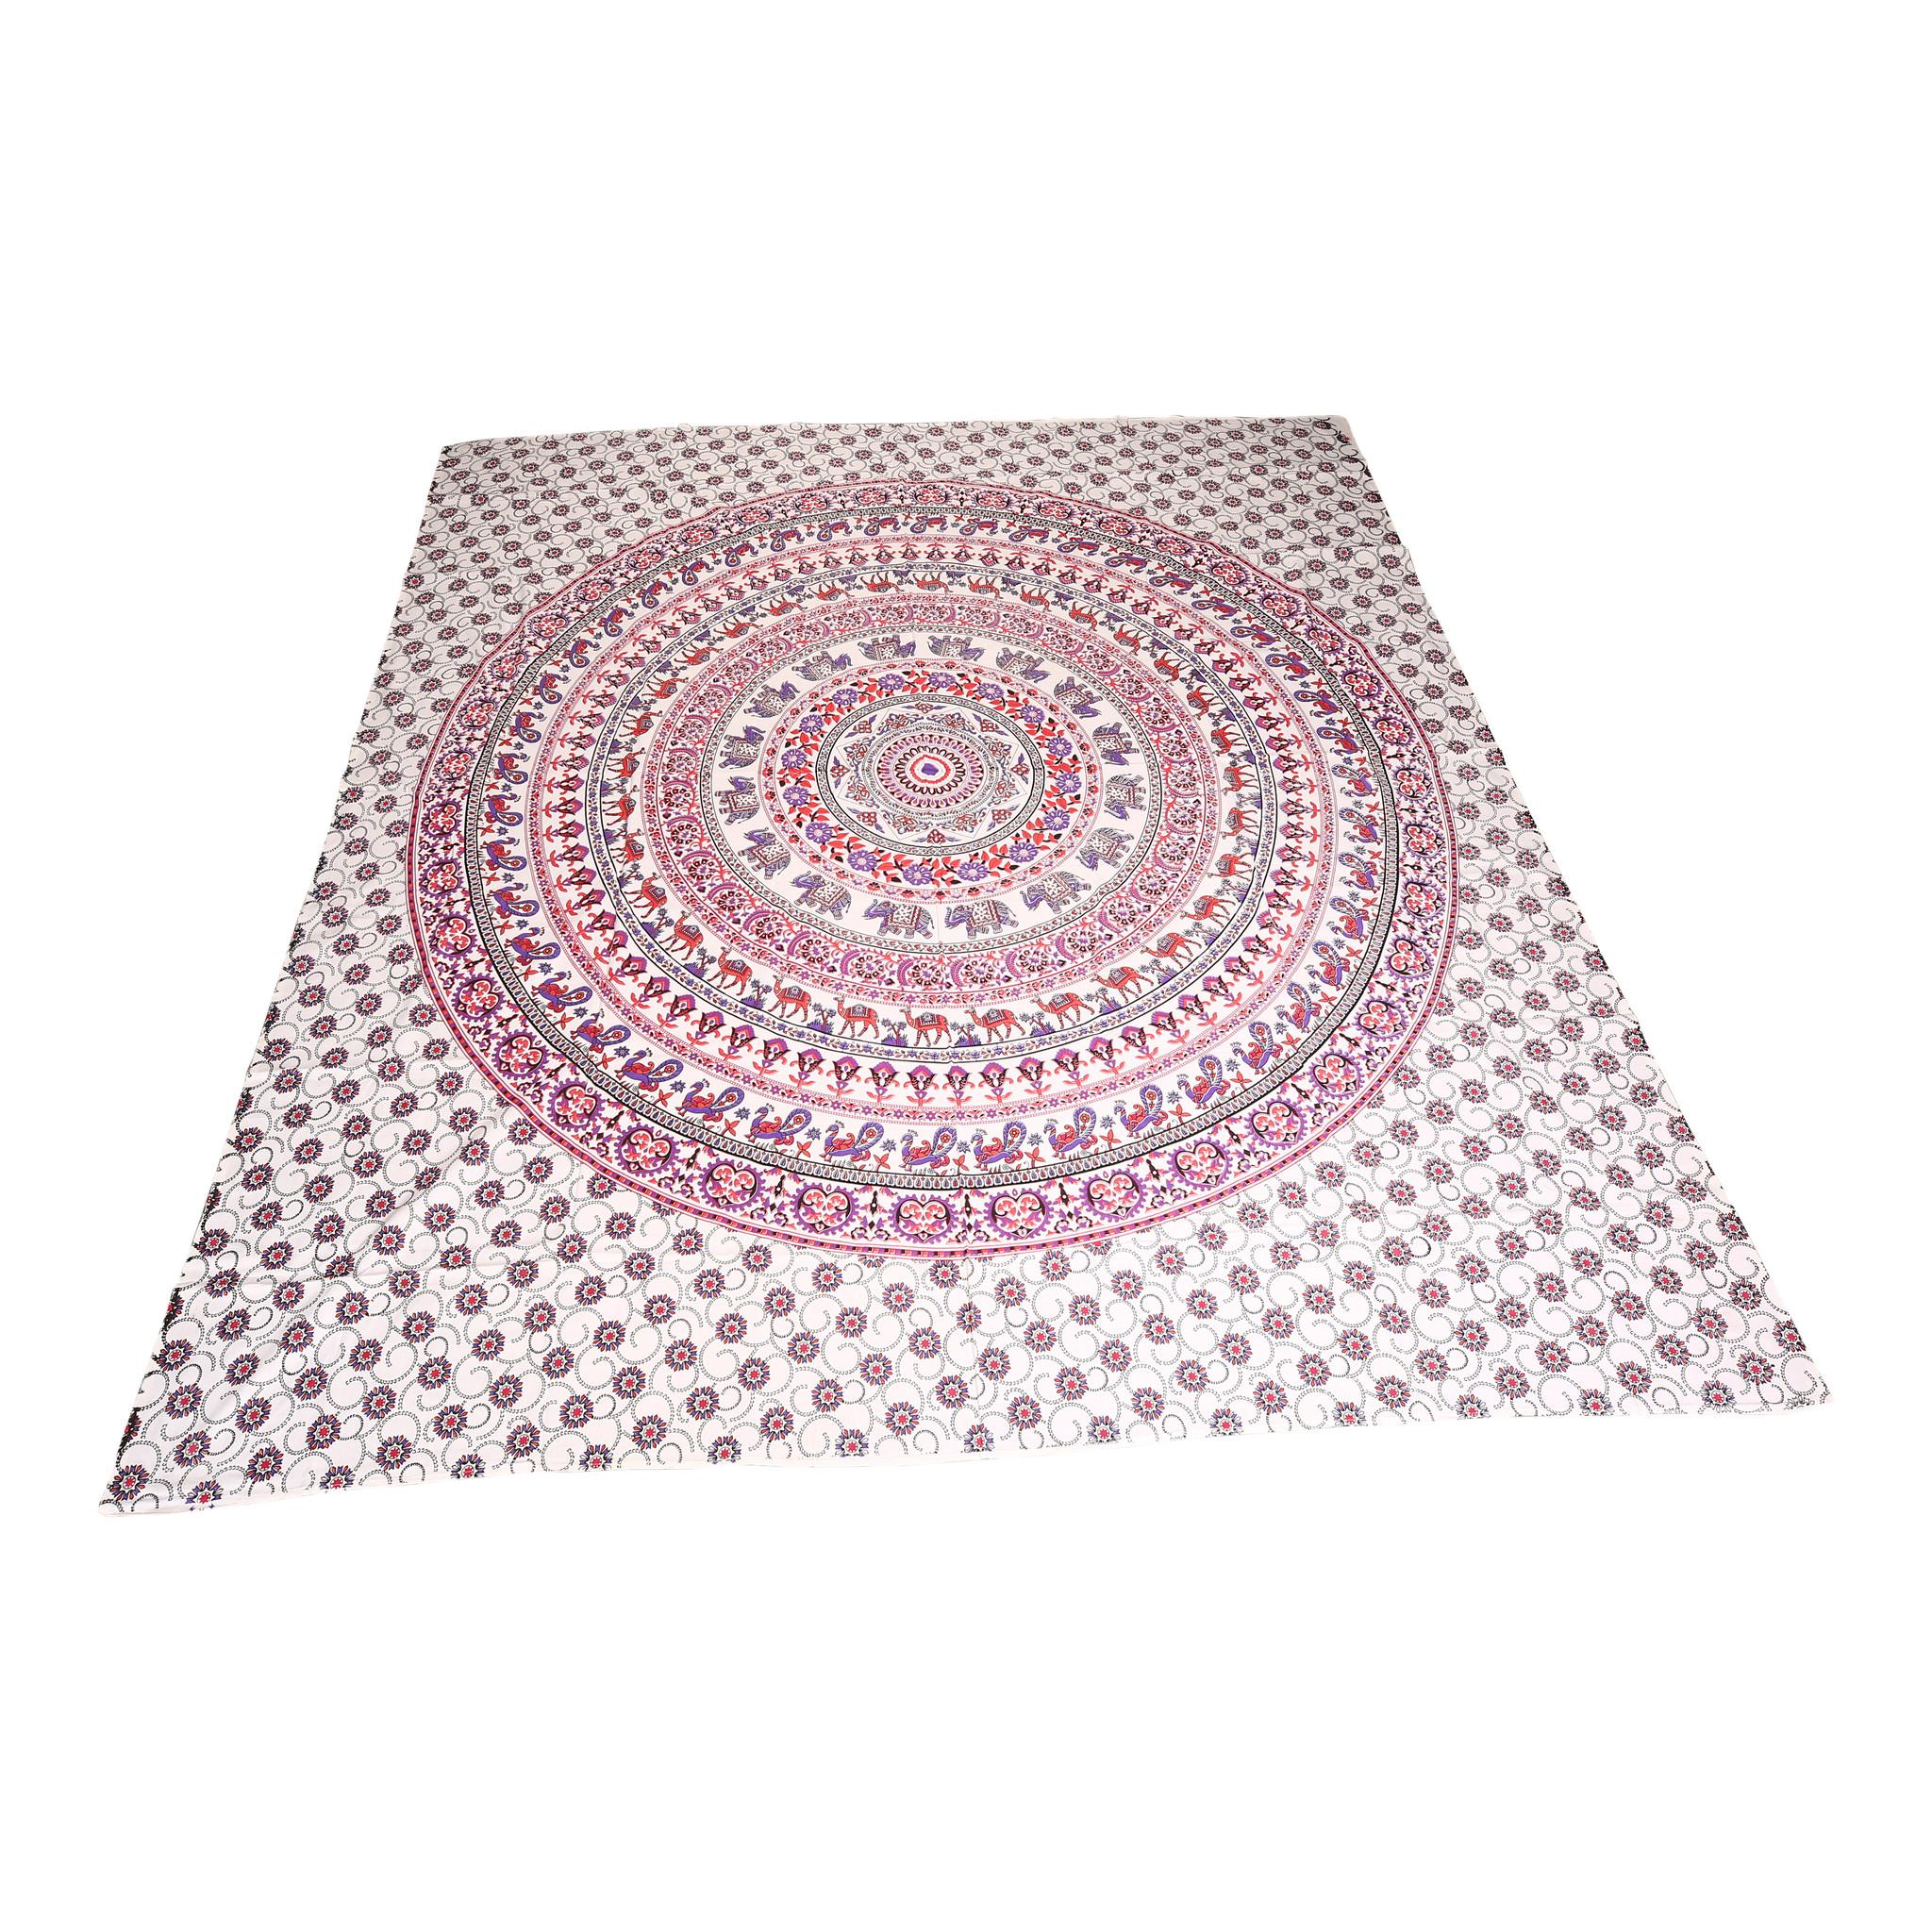 Myroundie Myroundie - roundie - vierkant strandlaken XL – yoga kleed- speelkleed - picknickkleed -100% katoen – Q24